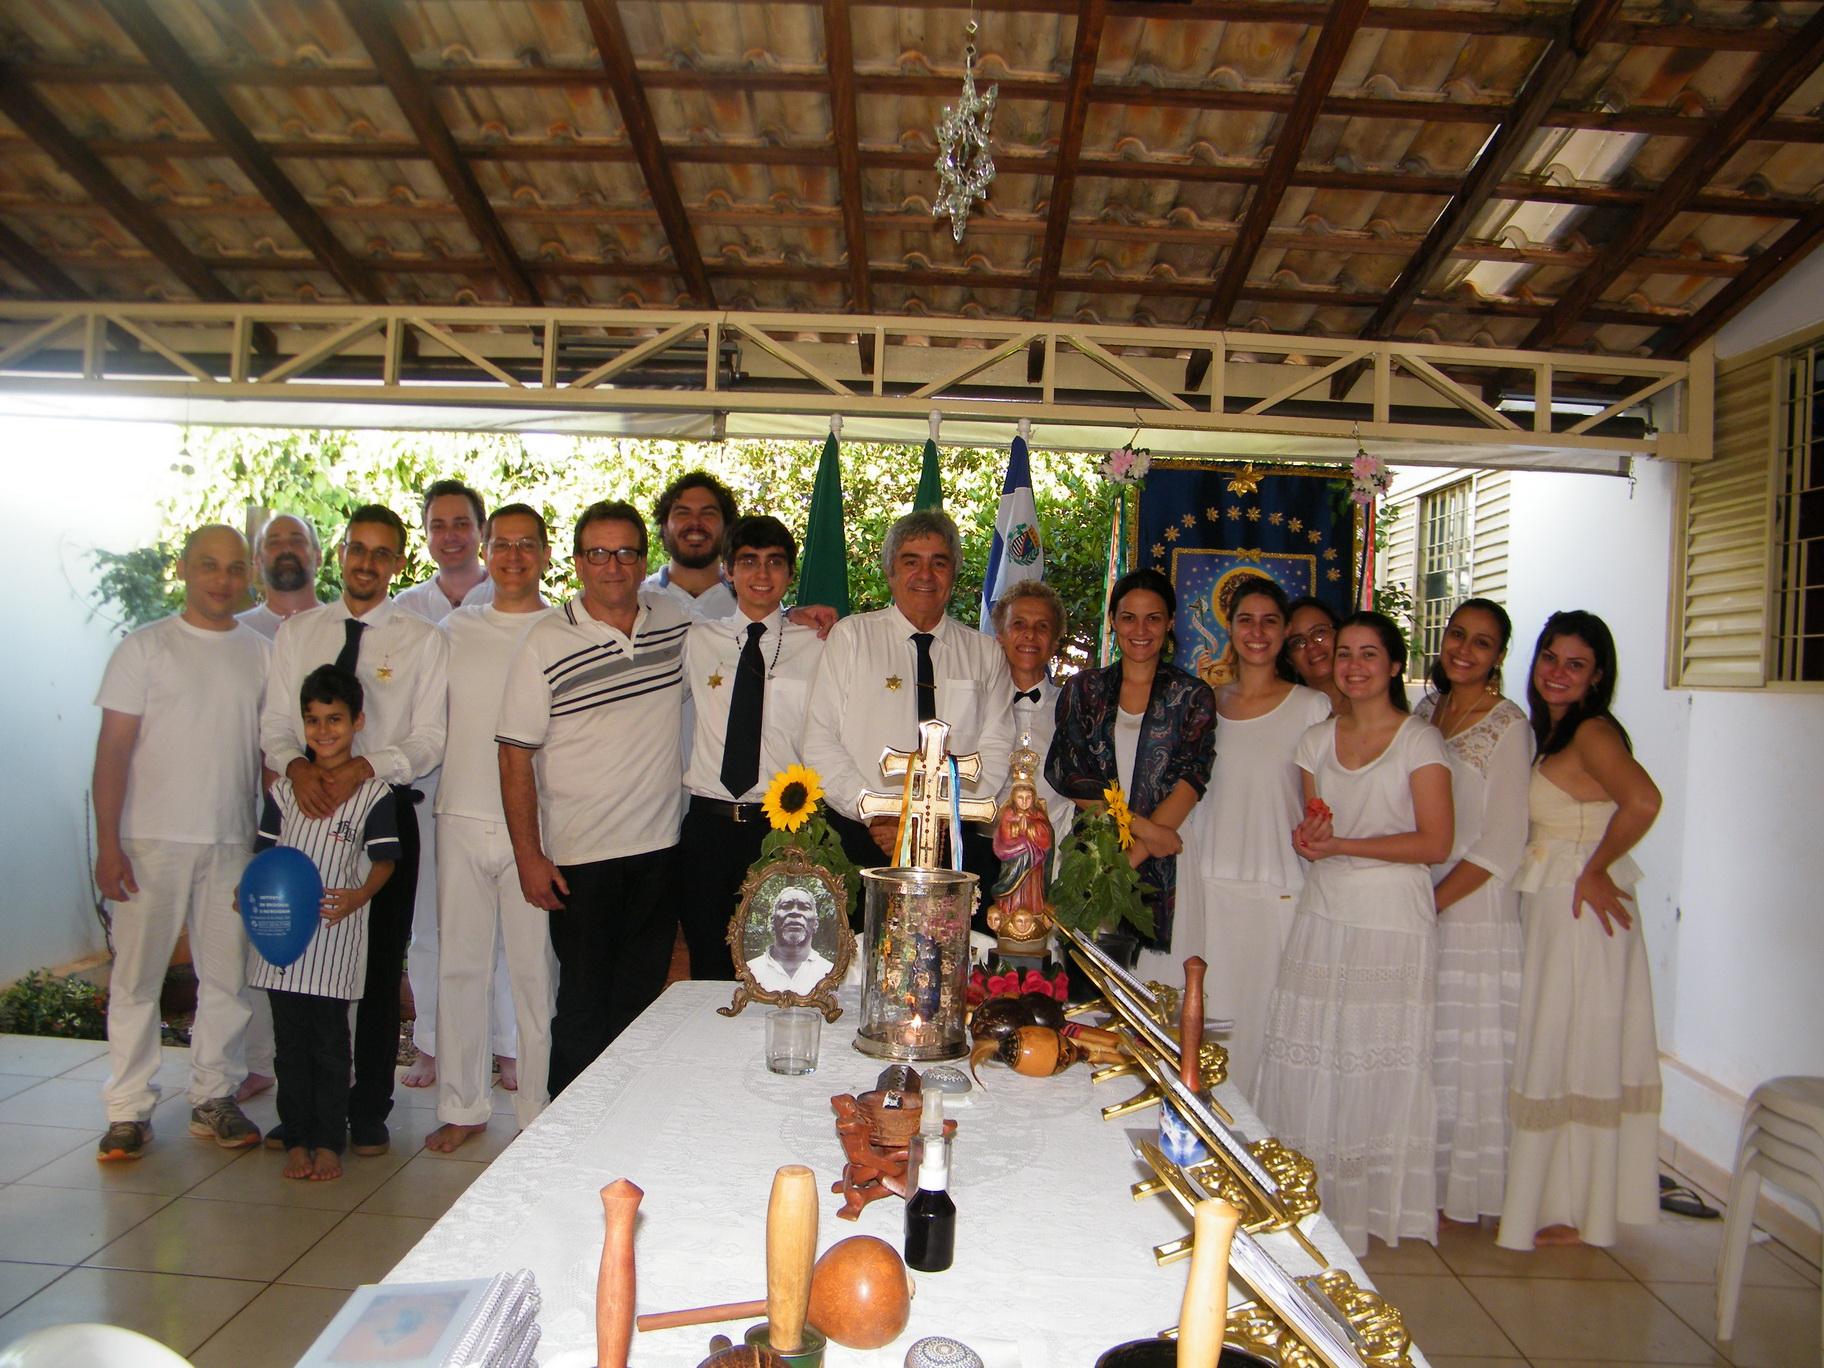 Estrelas_Douradas_-_Hinário_Sois_baliza_-_Germano_Guilherme_-_25-07-2015.JPG